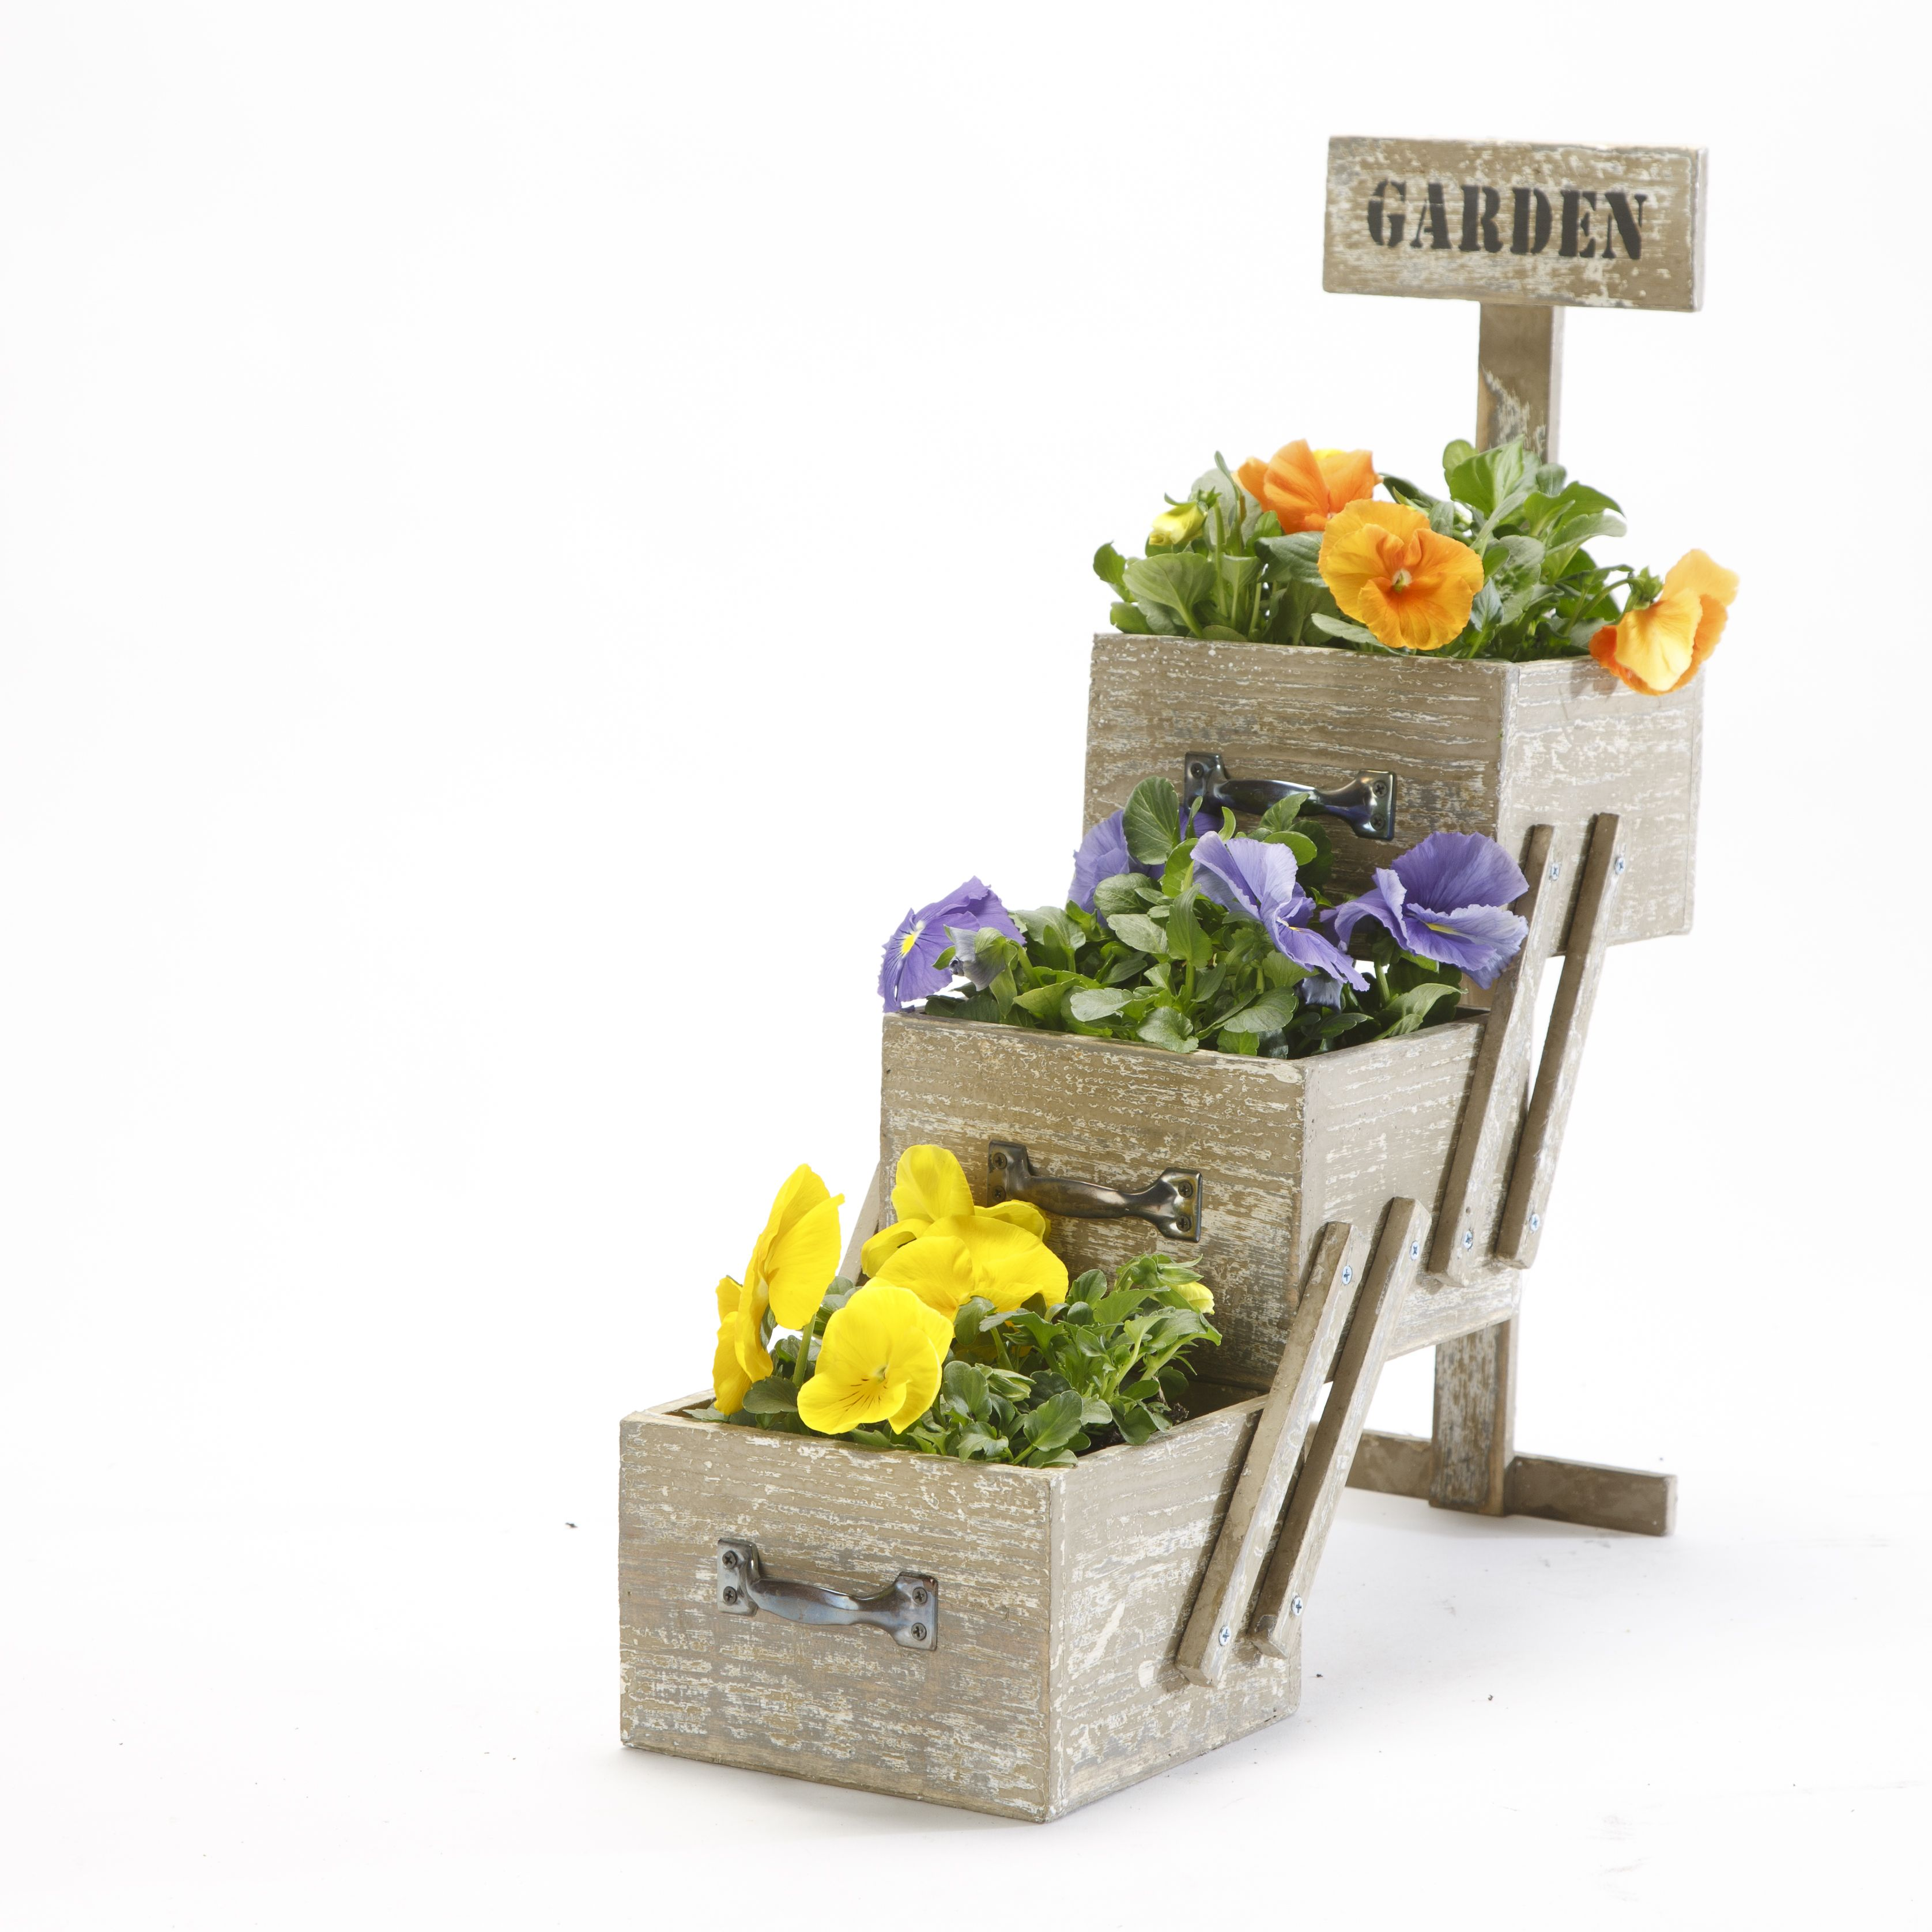 Modern Farmhouse Home Decor: garden decor, rustic ladder outside ...